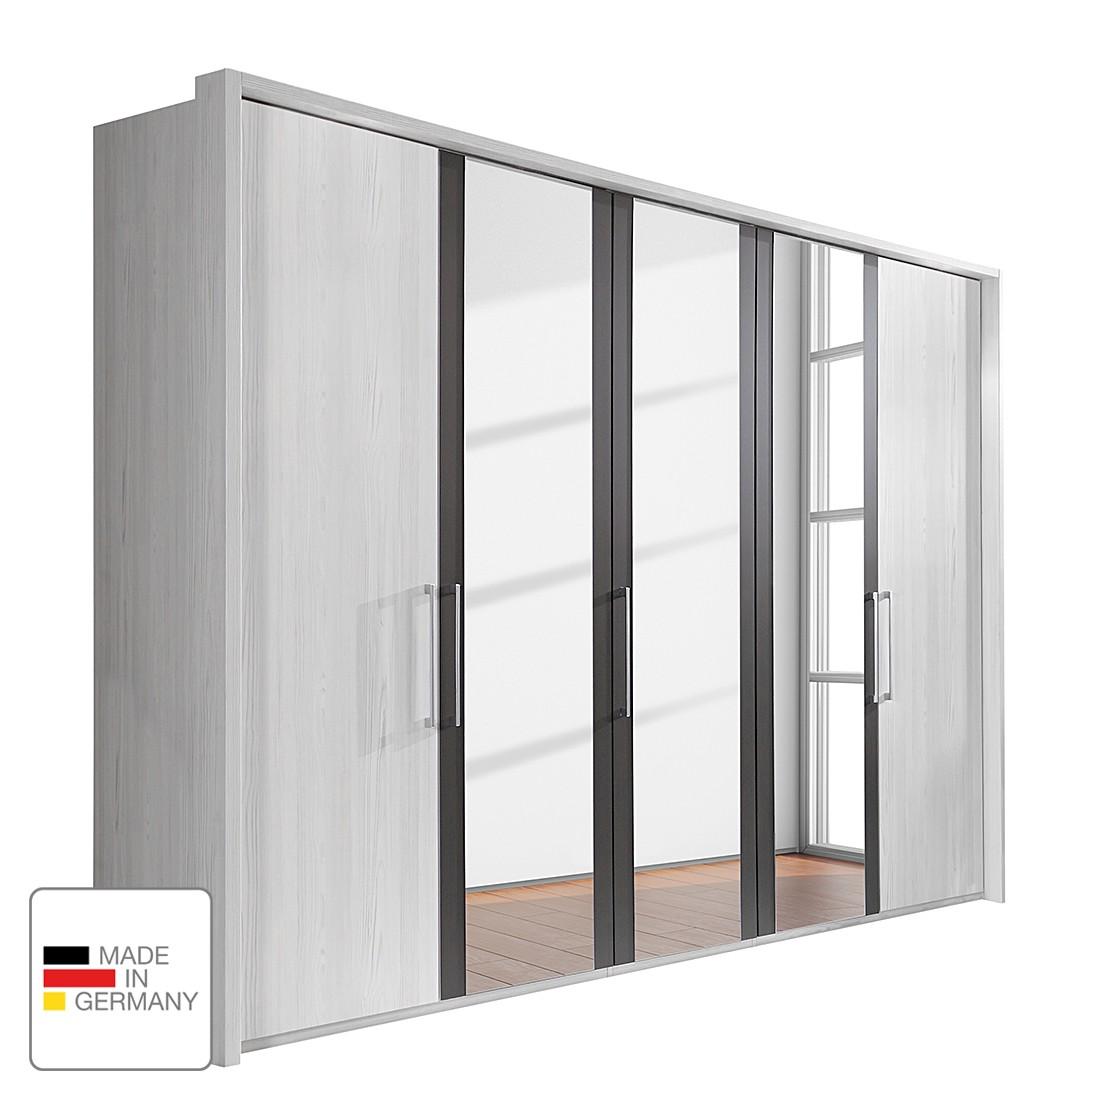 Drehtürenschrank Lissabon - Polar Lärche Dekor/Havanna - 350 cm (7-türig) - 1 Spiegeltür - Mit Passepartoutrahmen, Althoff